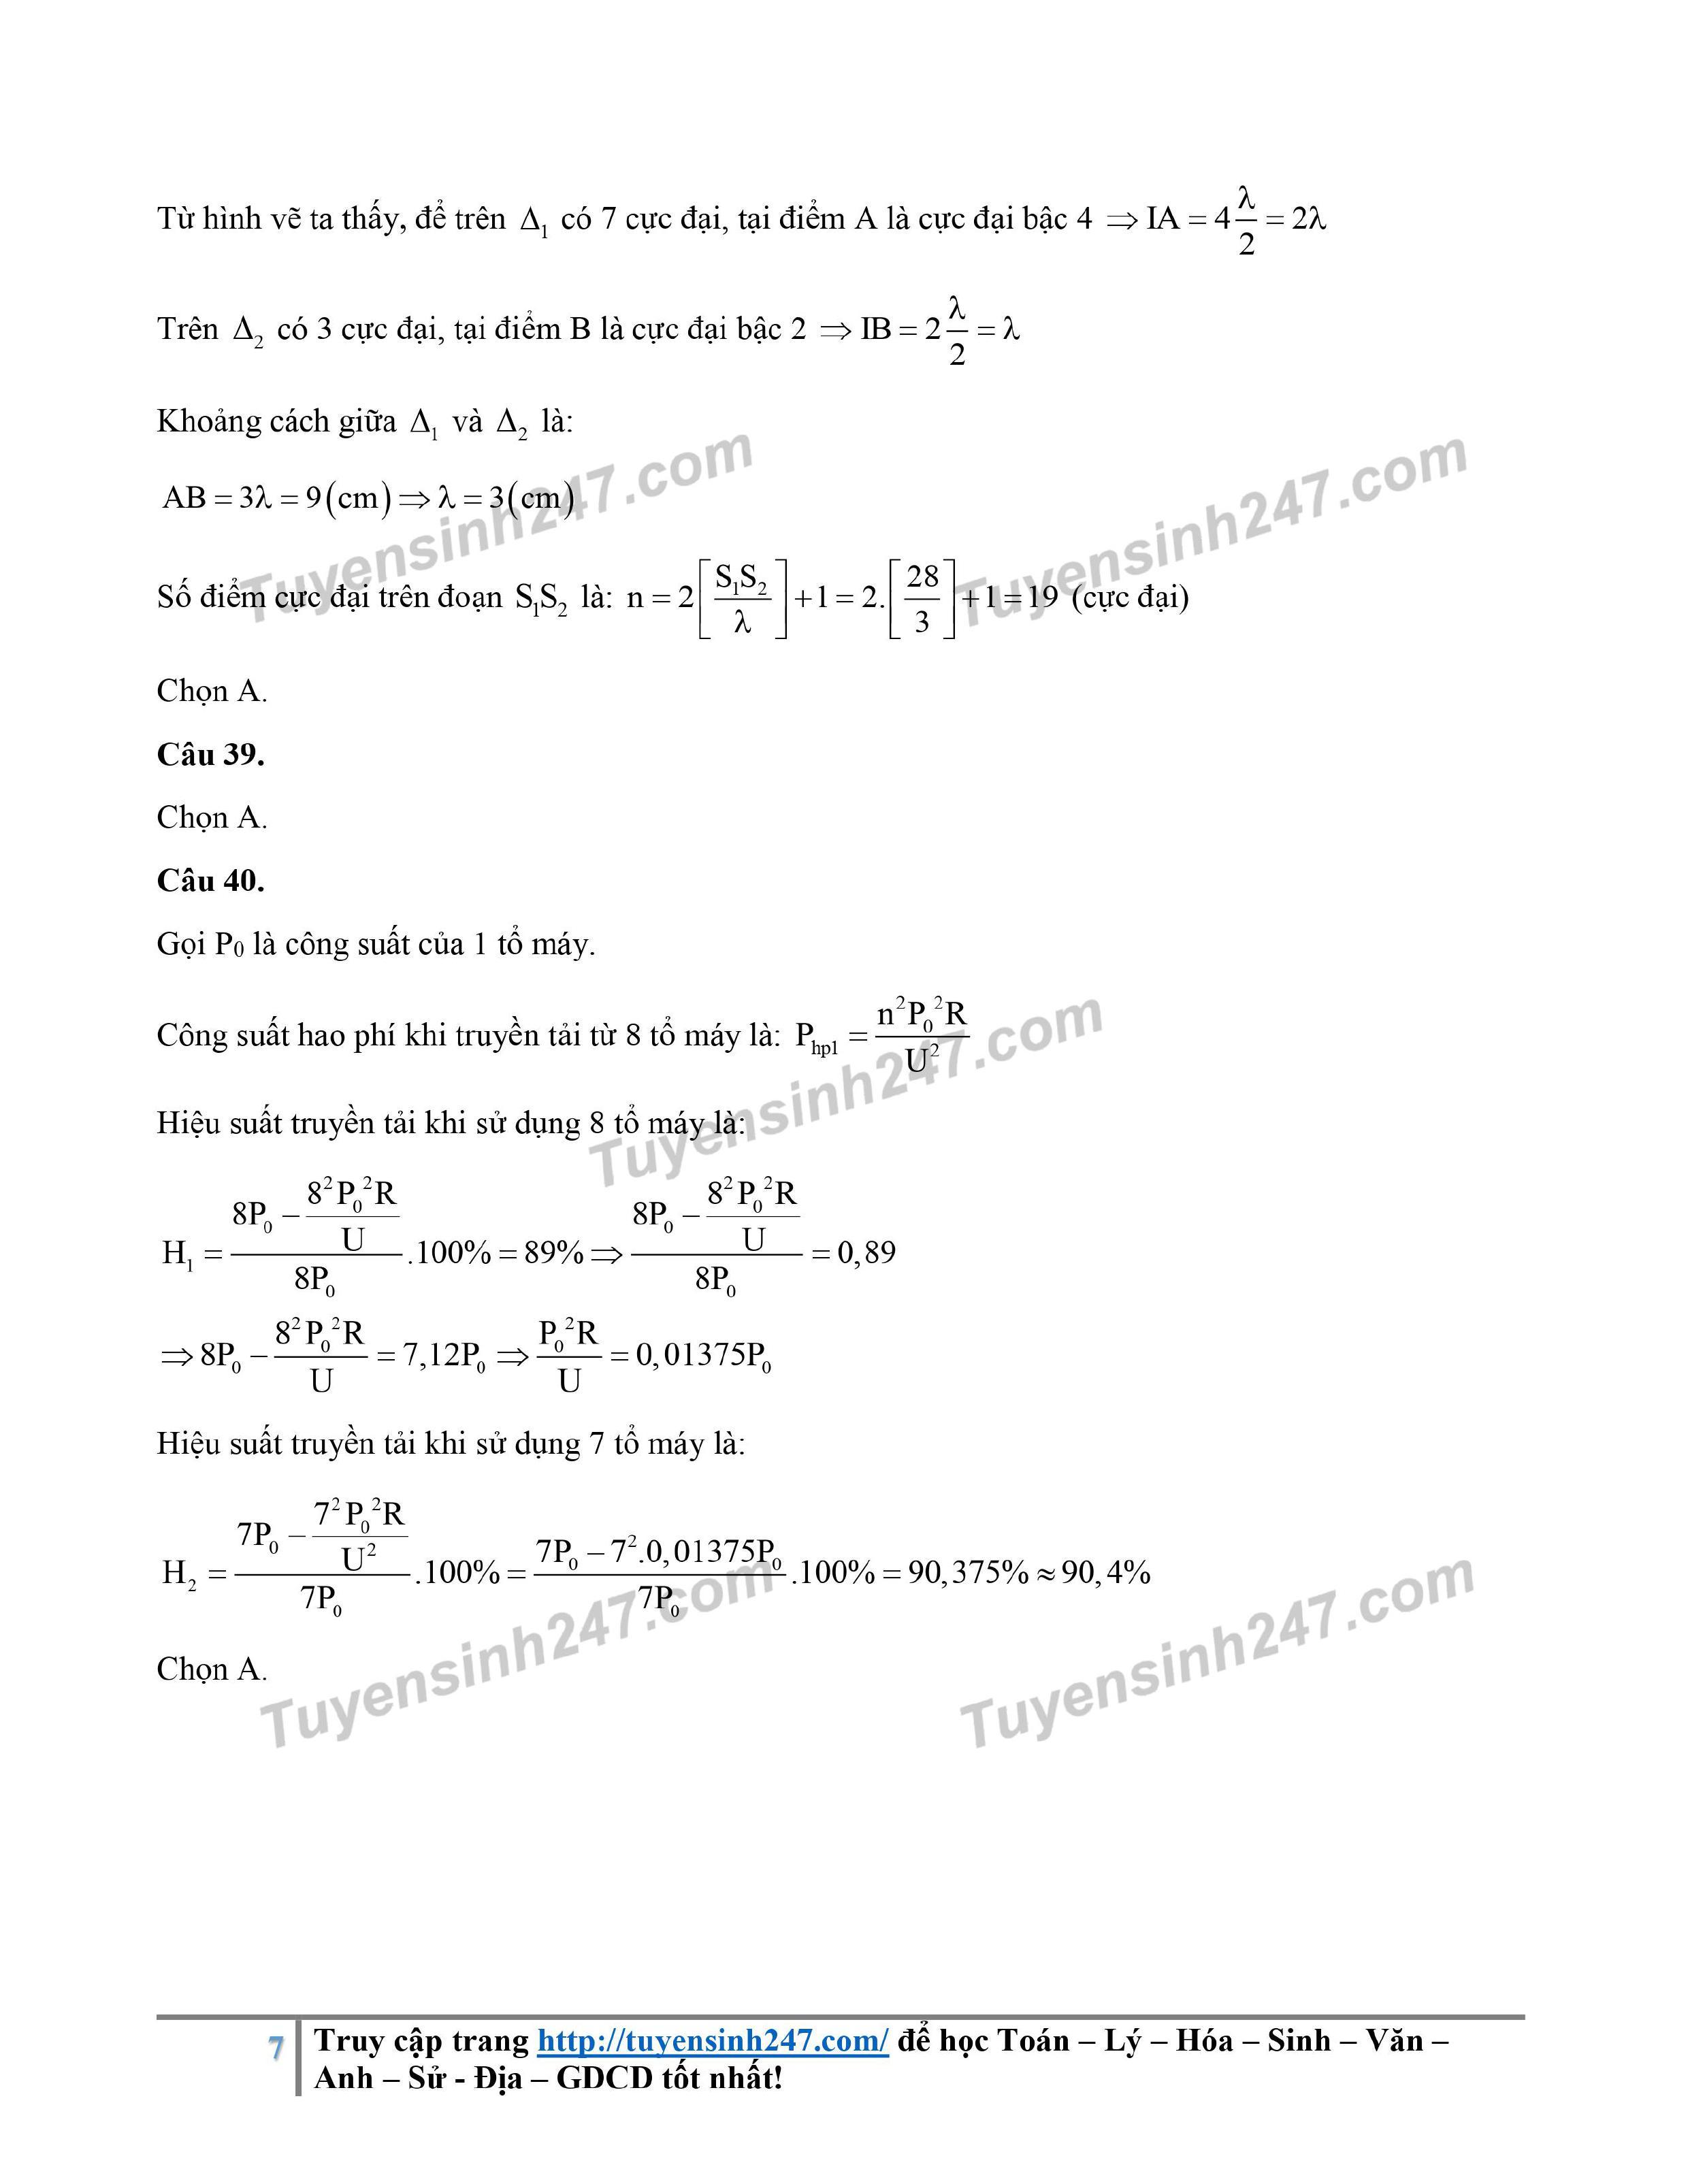 Đáp án gợi ý đề thi môn Vật lý kỳ thi tốt nghiệp THPT 2020 - Ảnh 7